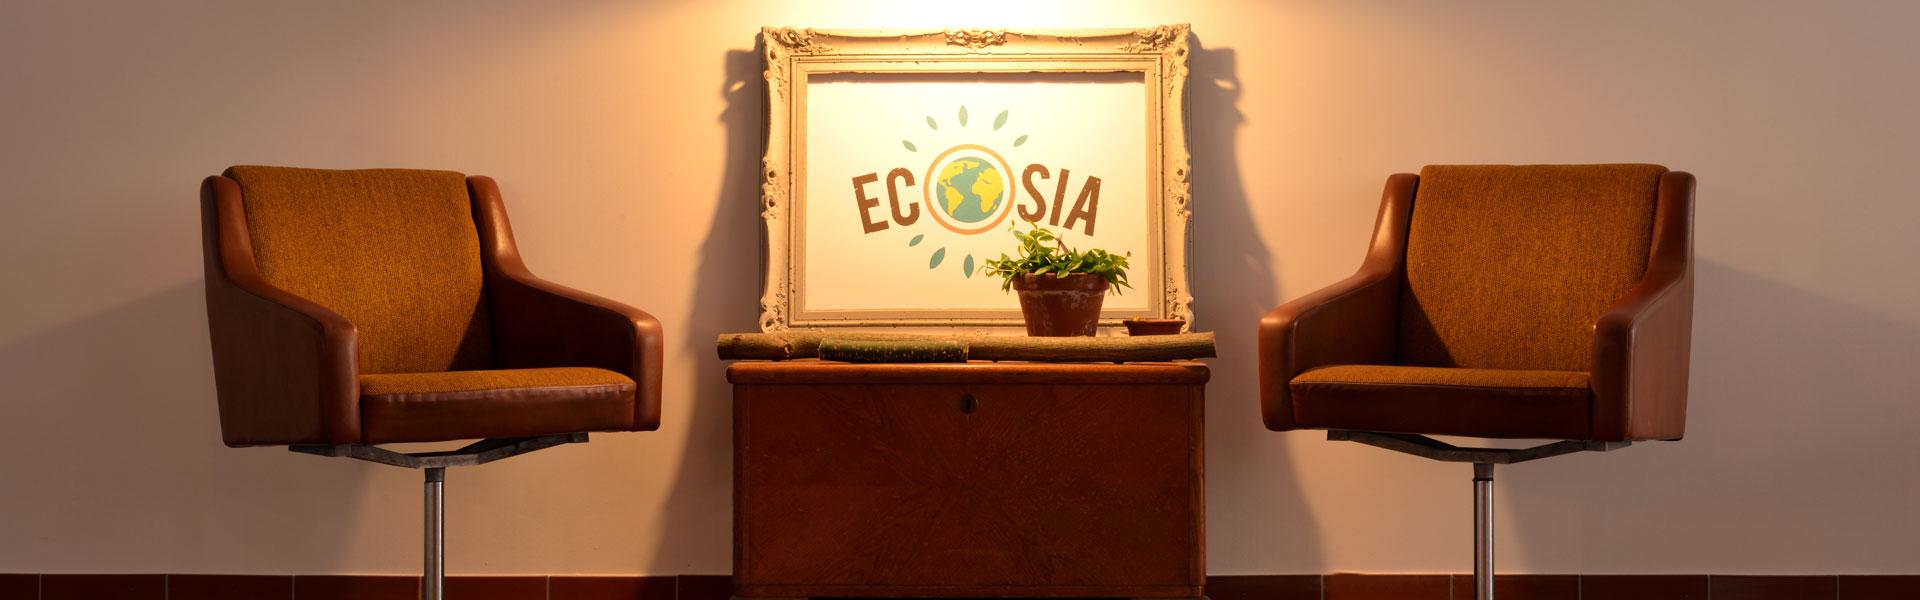 ökoRAUSCH Blog – ecosia